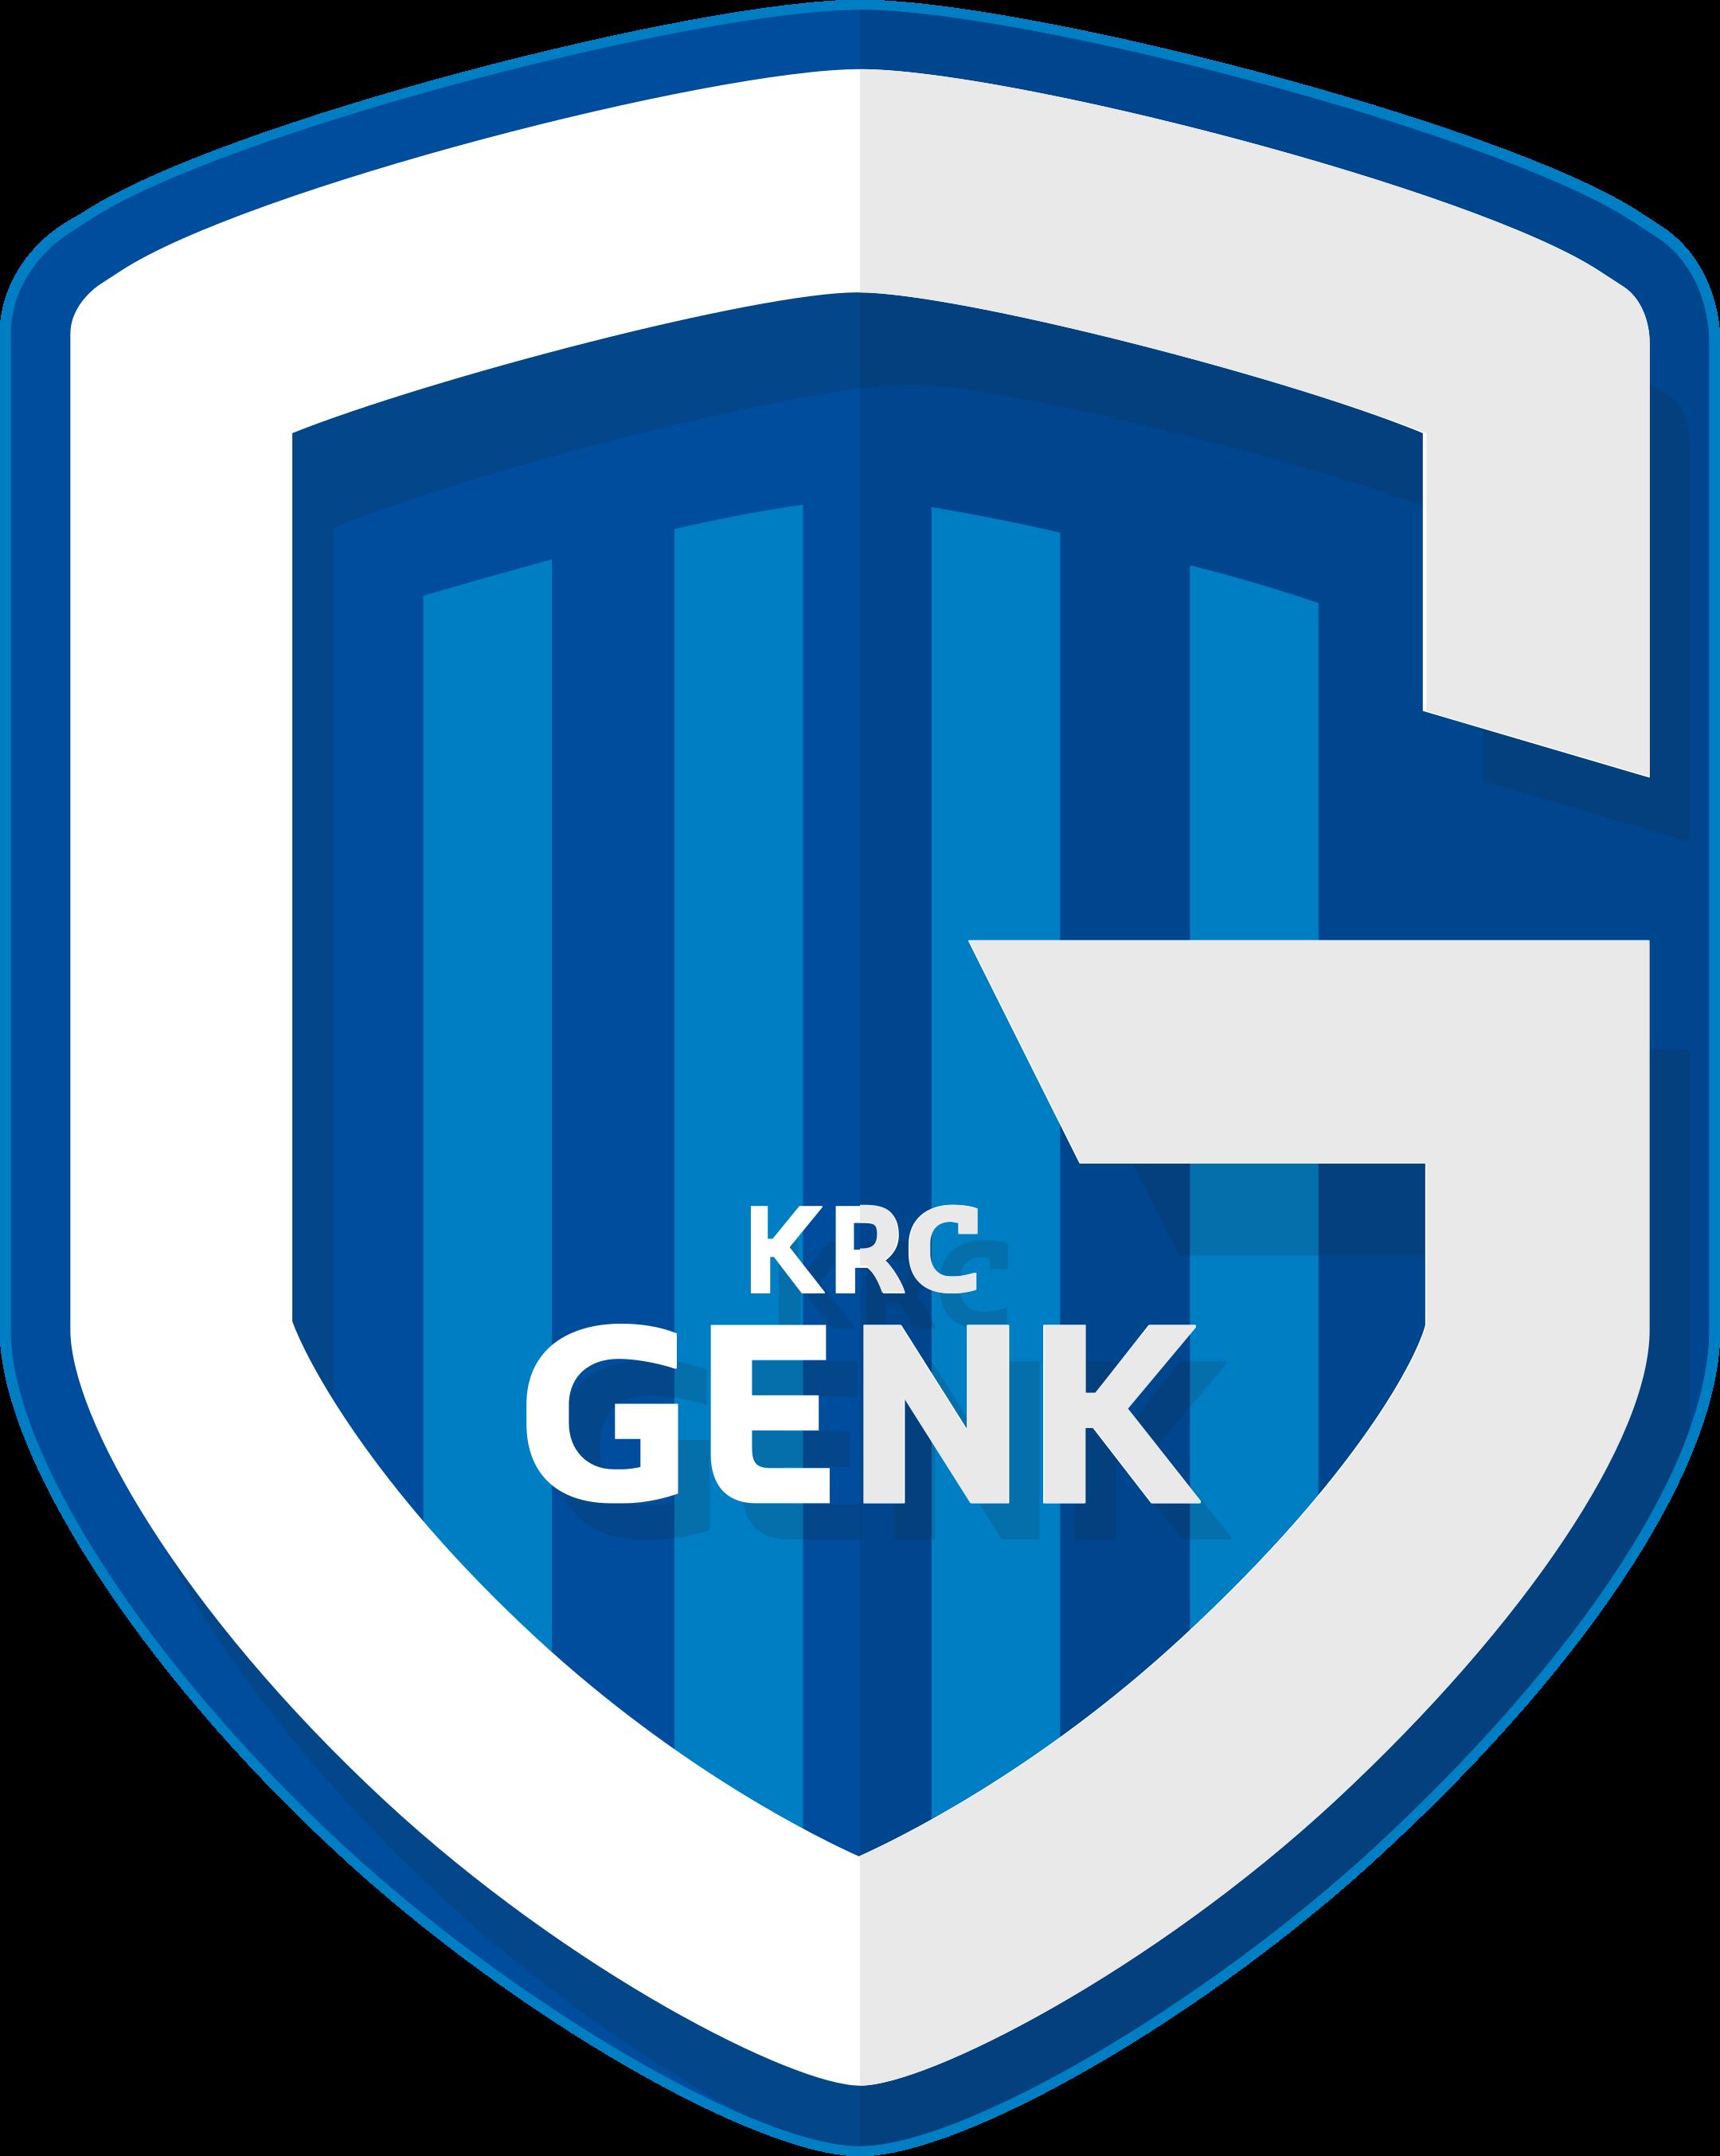 club genk logo 1 - Club Genk Logo - Escudo